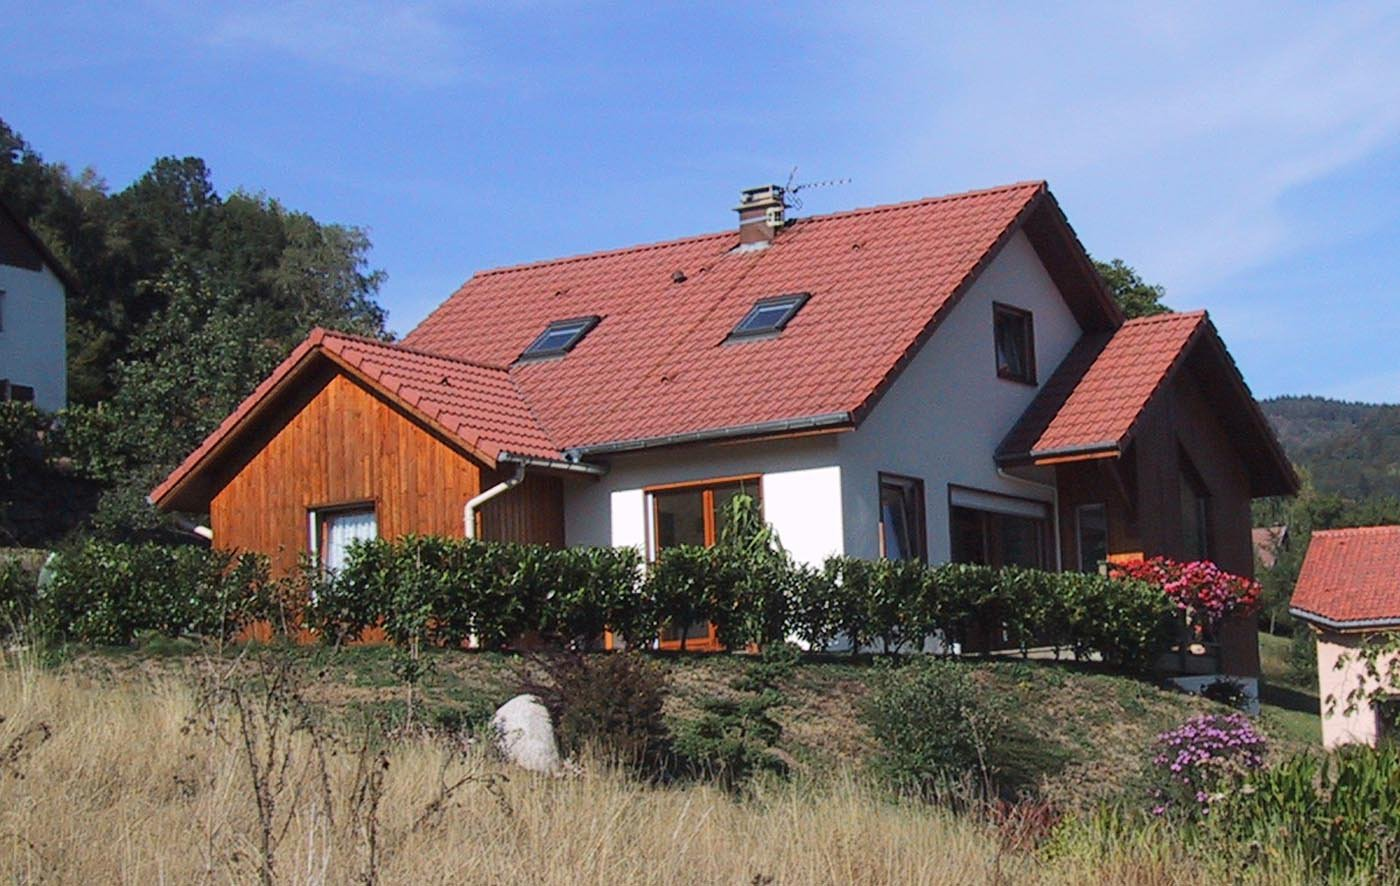 Maison structure bois d cor bois et enduit maison for Maison structure bois